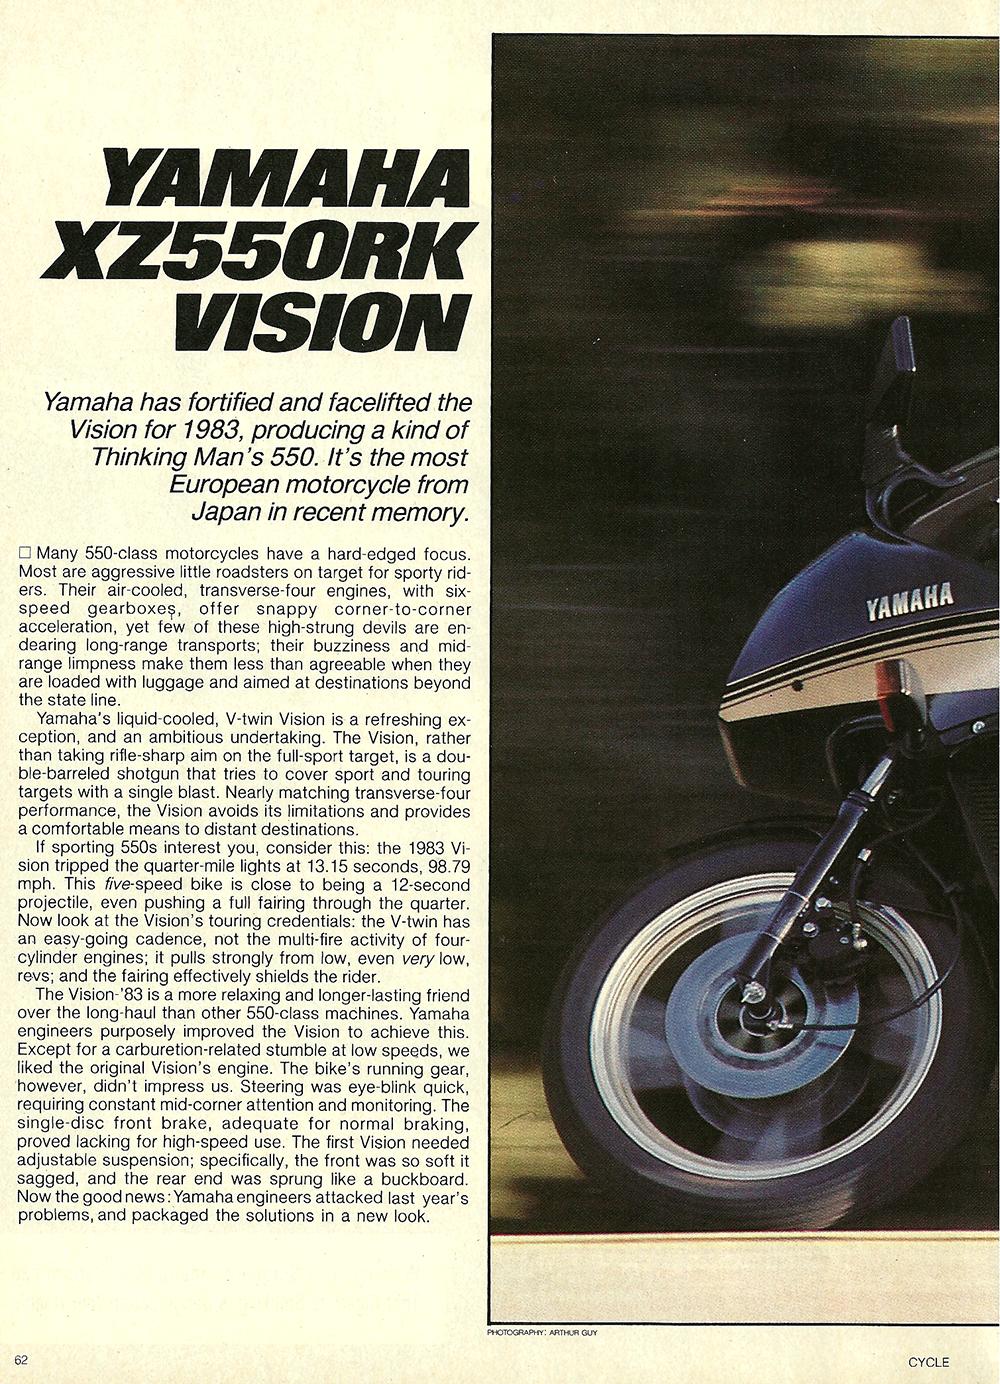 1983 Yamaha Vision XZ550 RK road test — Ye Olde Cycle Shoppe